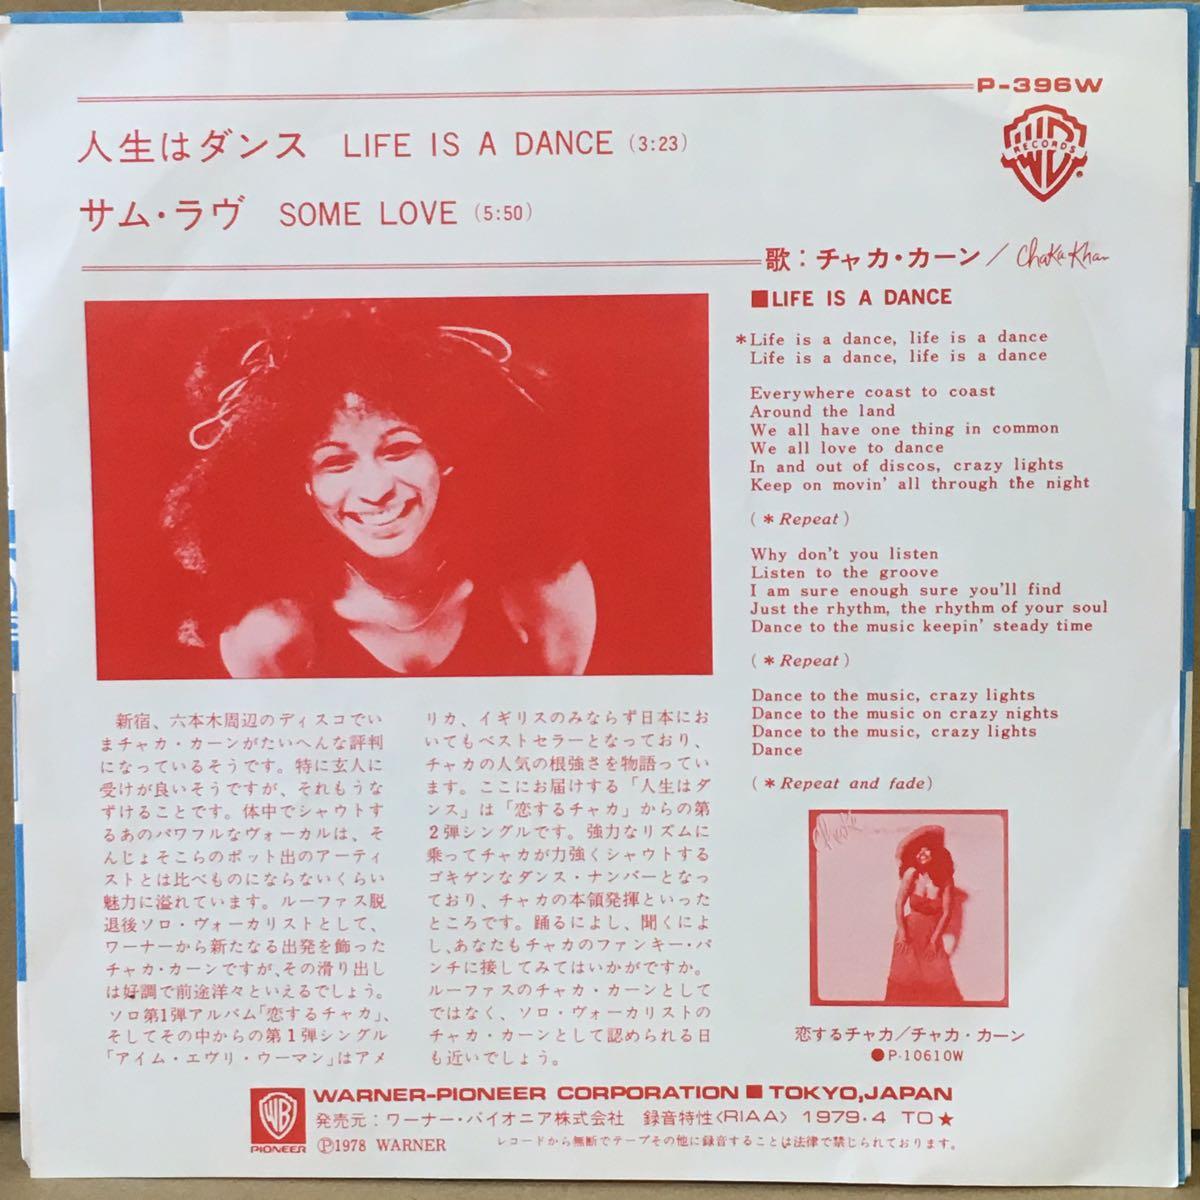 非売品 見本盤 7' 人生はダンス / チャカ・カーン CHAKA KHAN / LIFE IS A DANCE_画像2